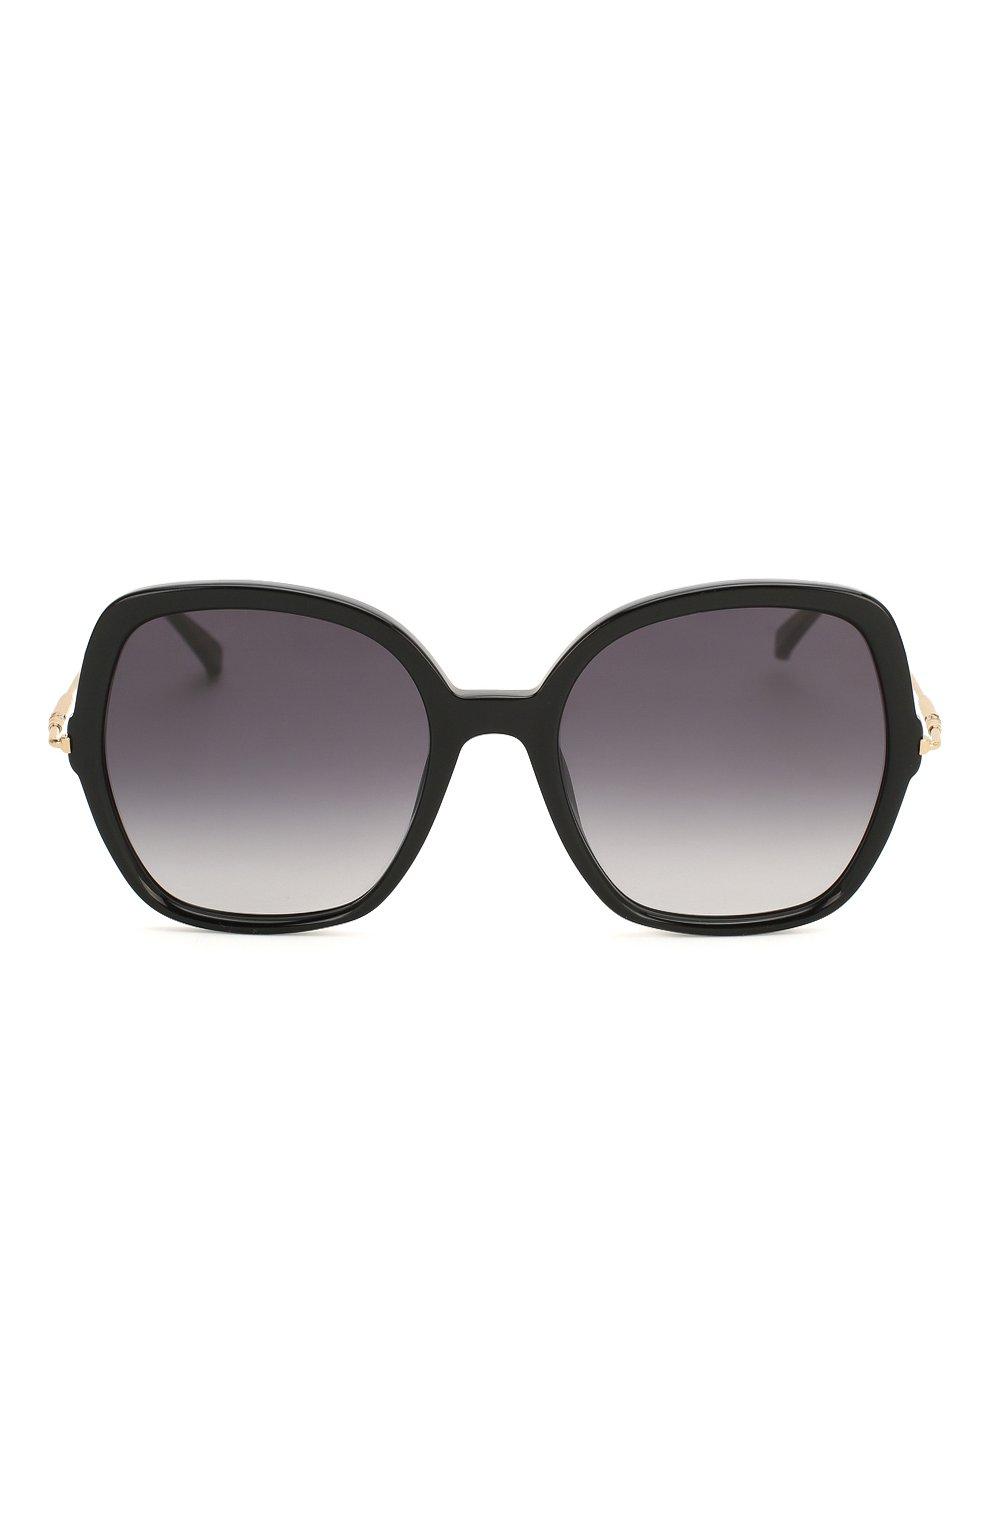 Женские солнцезащитные очки MAX MARA черного цвета, арт. CLASSYVIII/G 807 | Фото 3